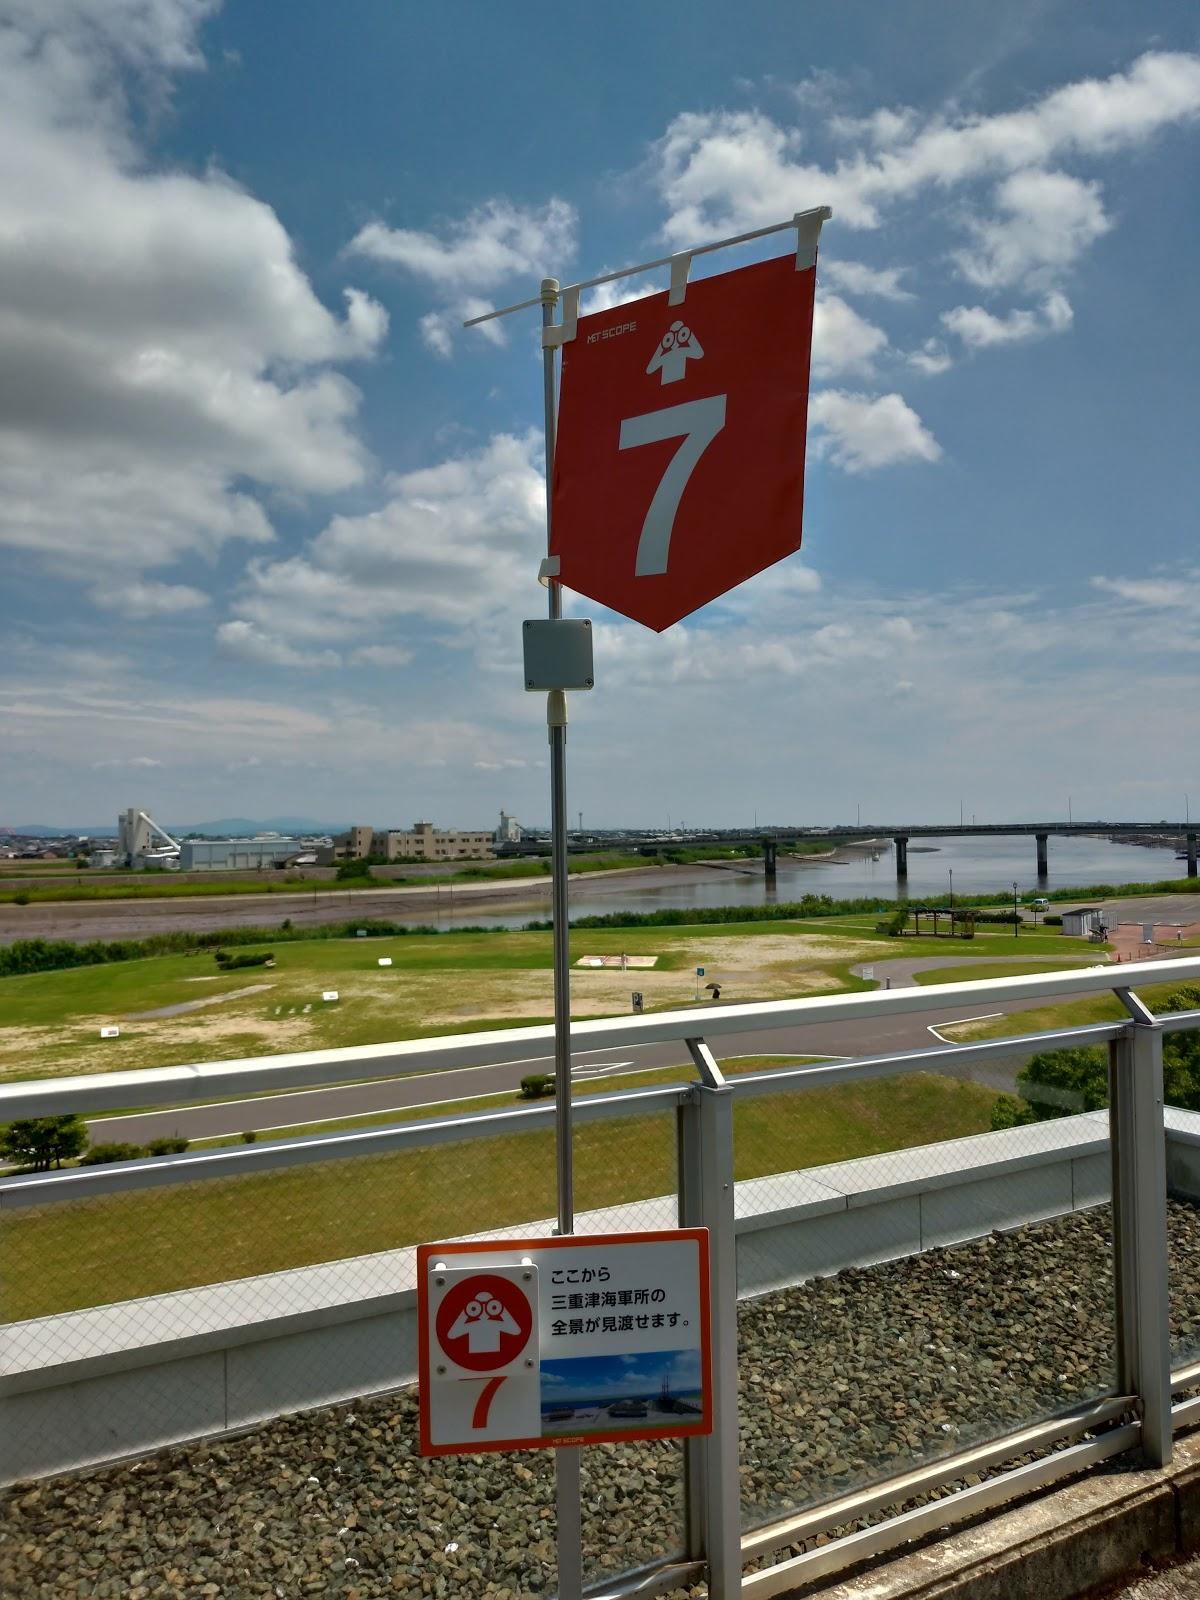 【世界遺産】三重津海軍所跡のVR体験